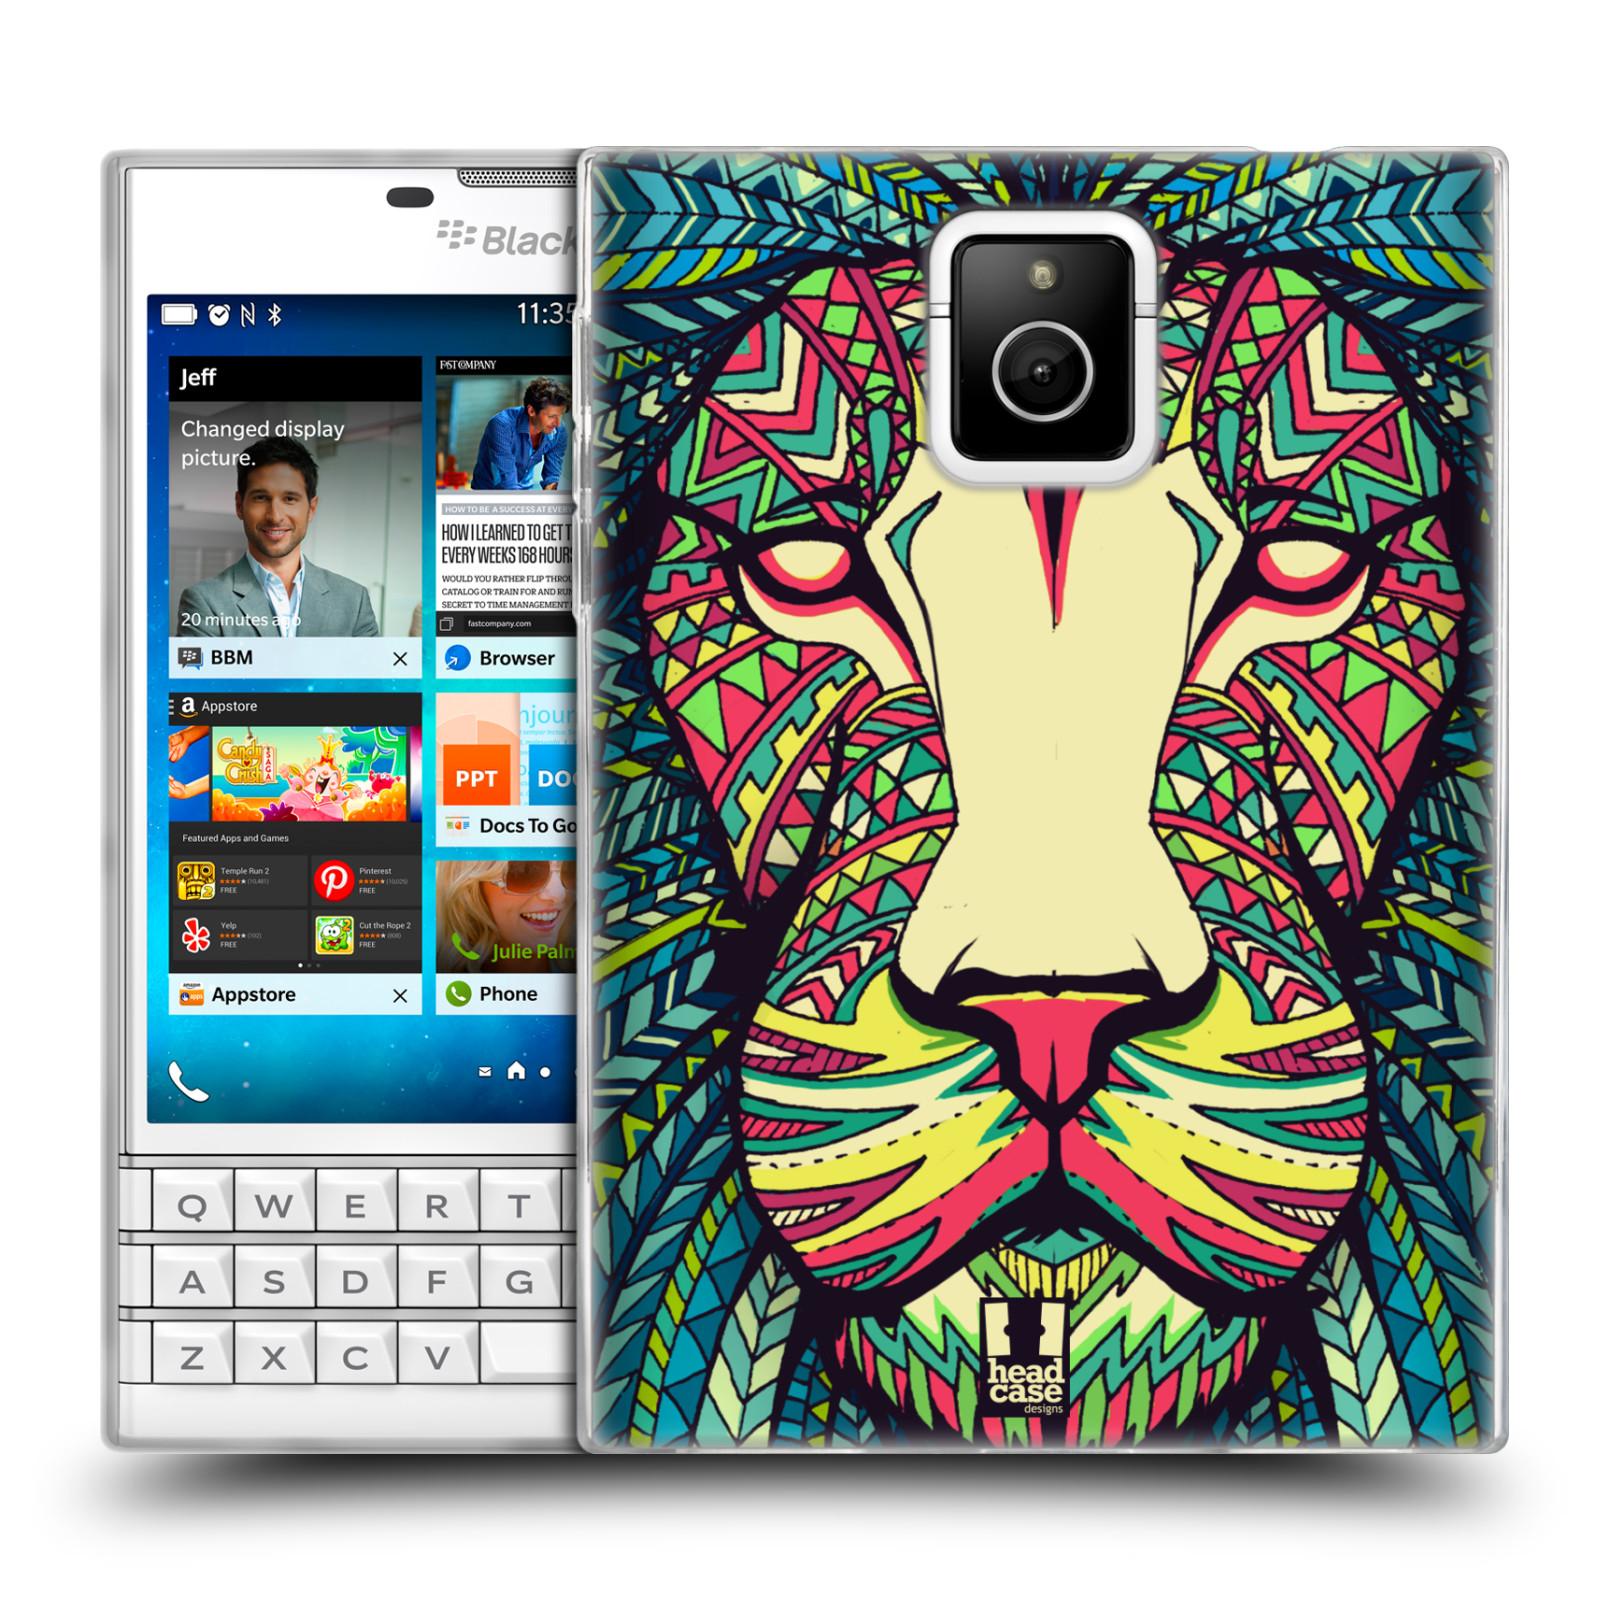 HEAD CASE silikonový obal na mobil Blackberry PASSPORT vzor Aztécký motiv zvíře lev